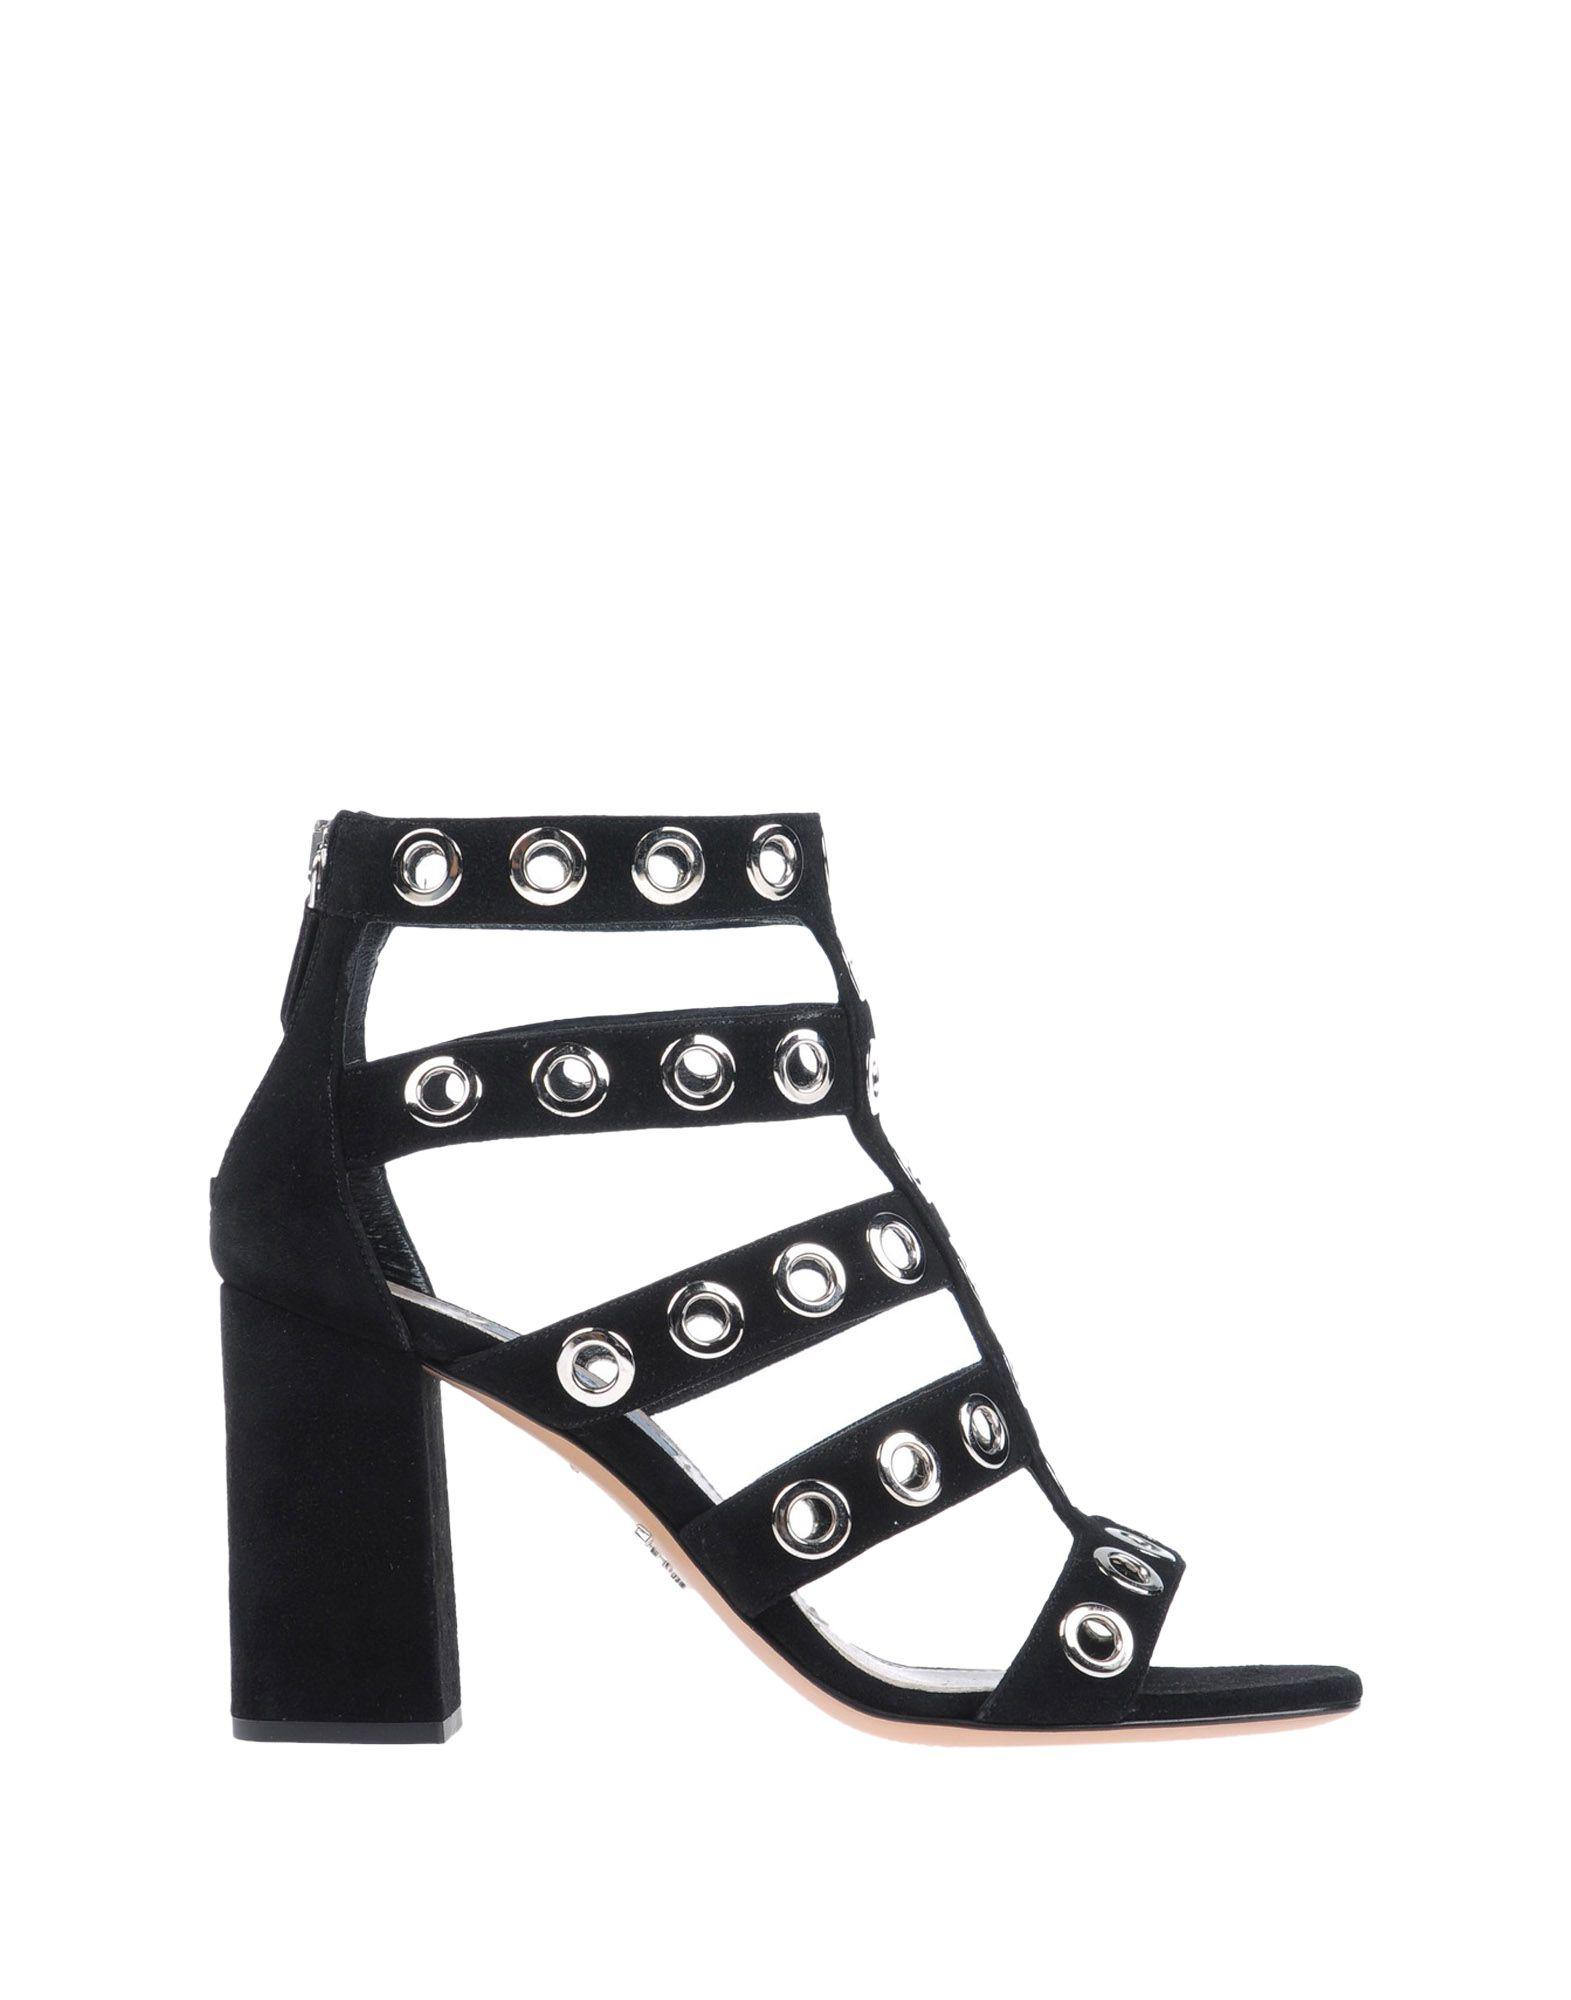 Rabatt Schuhe Prada Sandalen  Damen  Sandalen 11179767SP 73957c